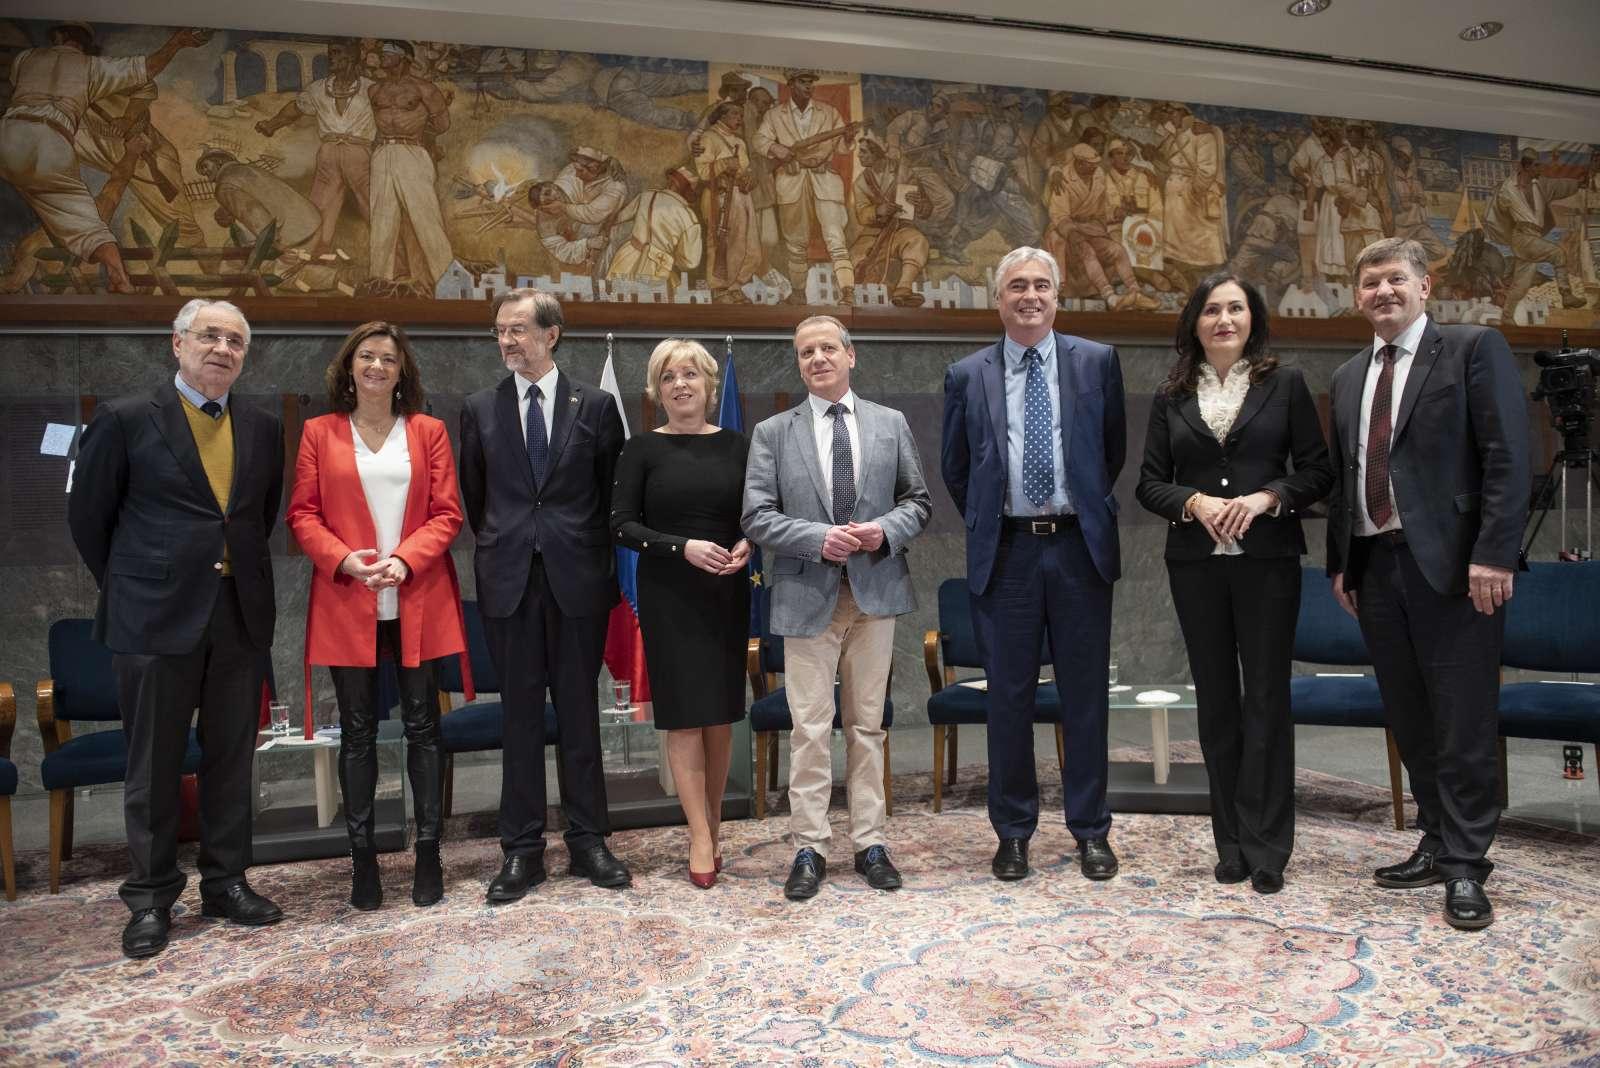 Slovenski evroposlanci na posvetu v državnem zboru z naslovom Zakaj na EU volitve?, 21. januarja 2019. Foto: Bor Slana/STA